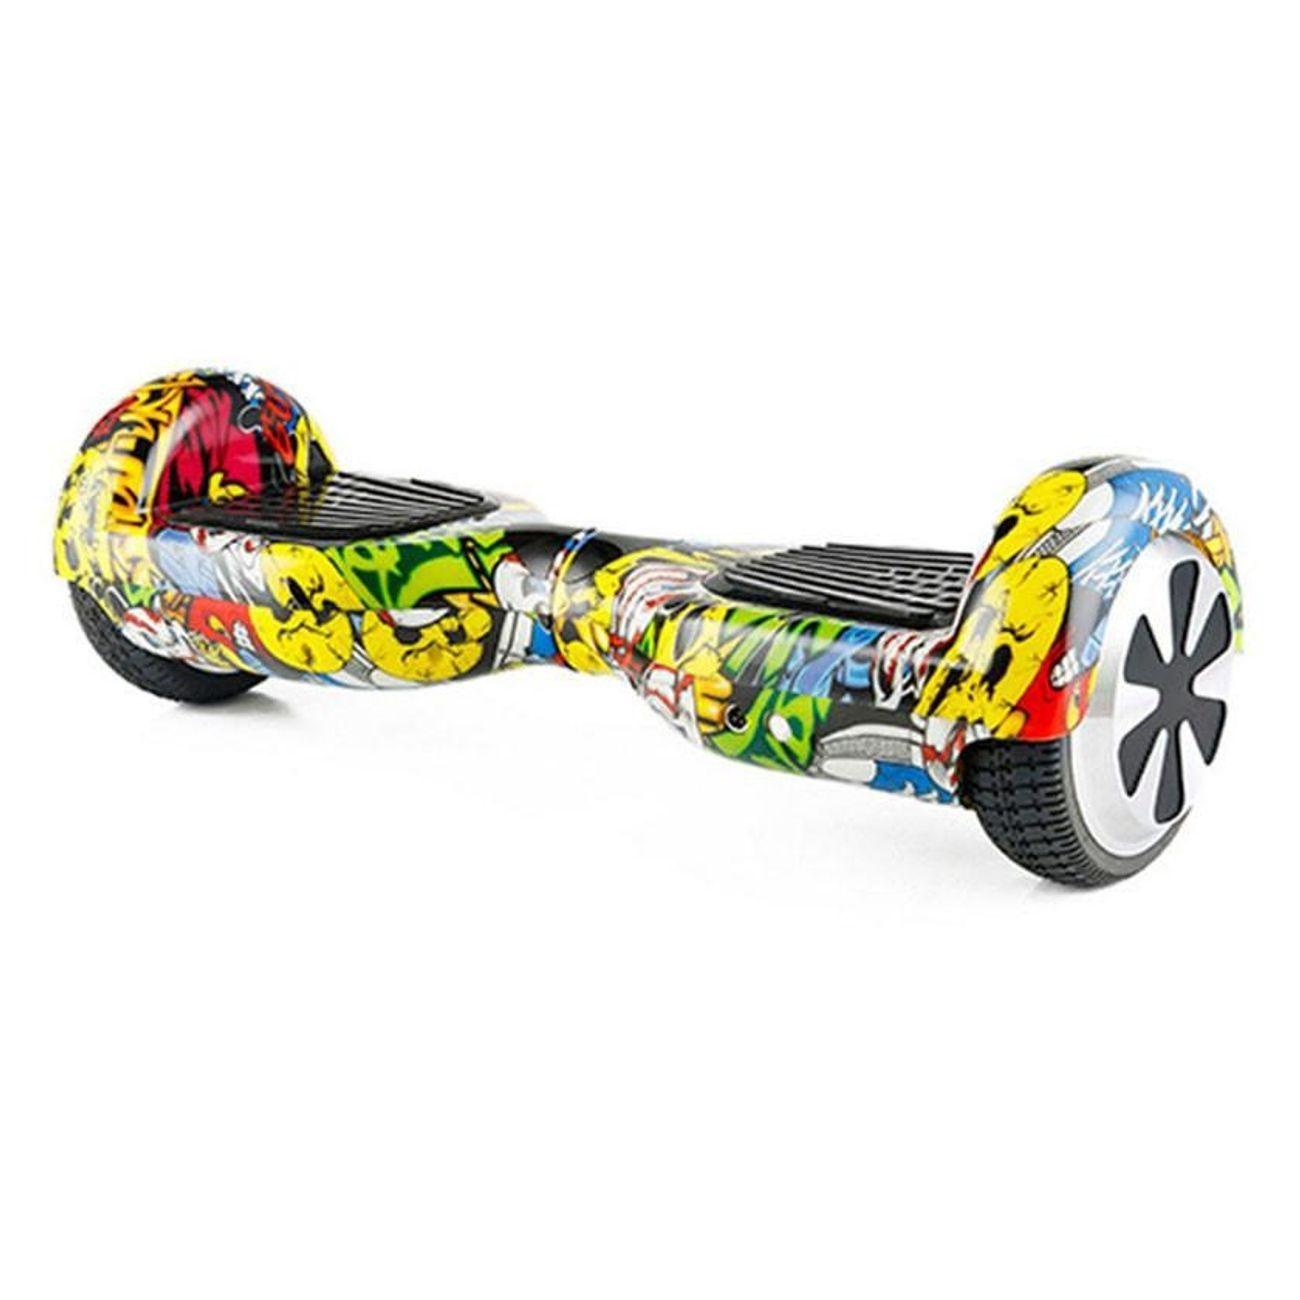 Glisse urbaine  AIR RISE Hoverboard 6,5 Pouces Hip Pop Bluetooth+ sac de transport+ télécommande